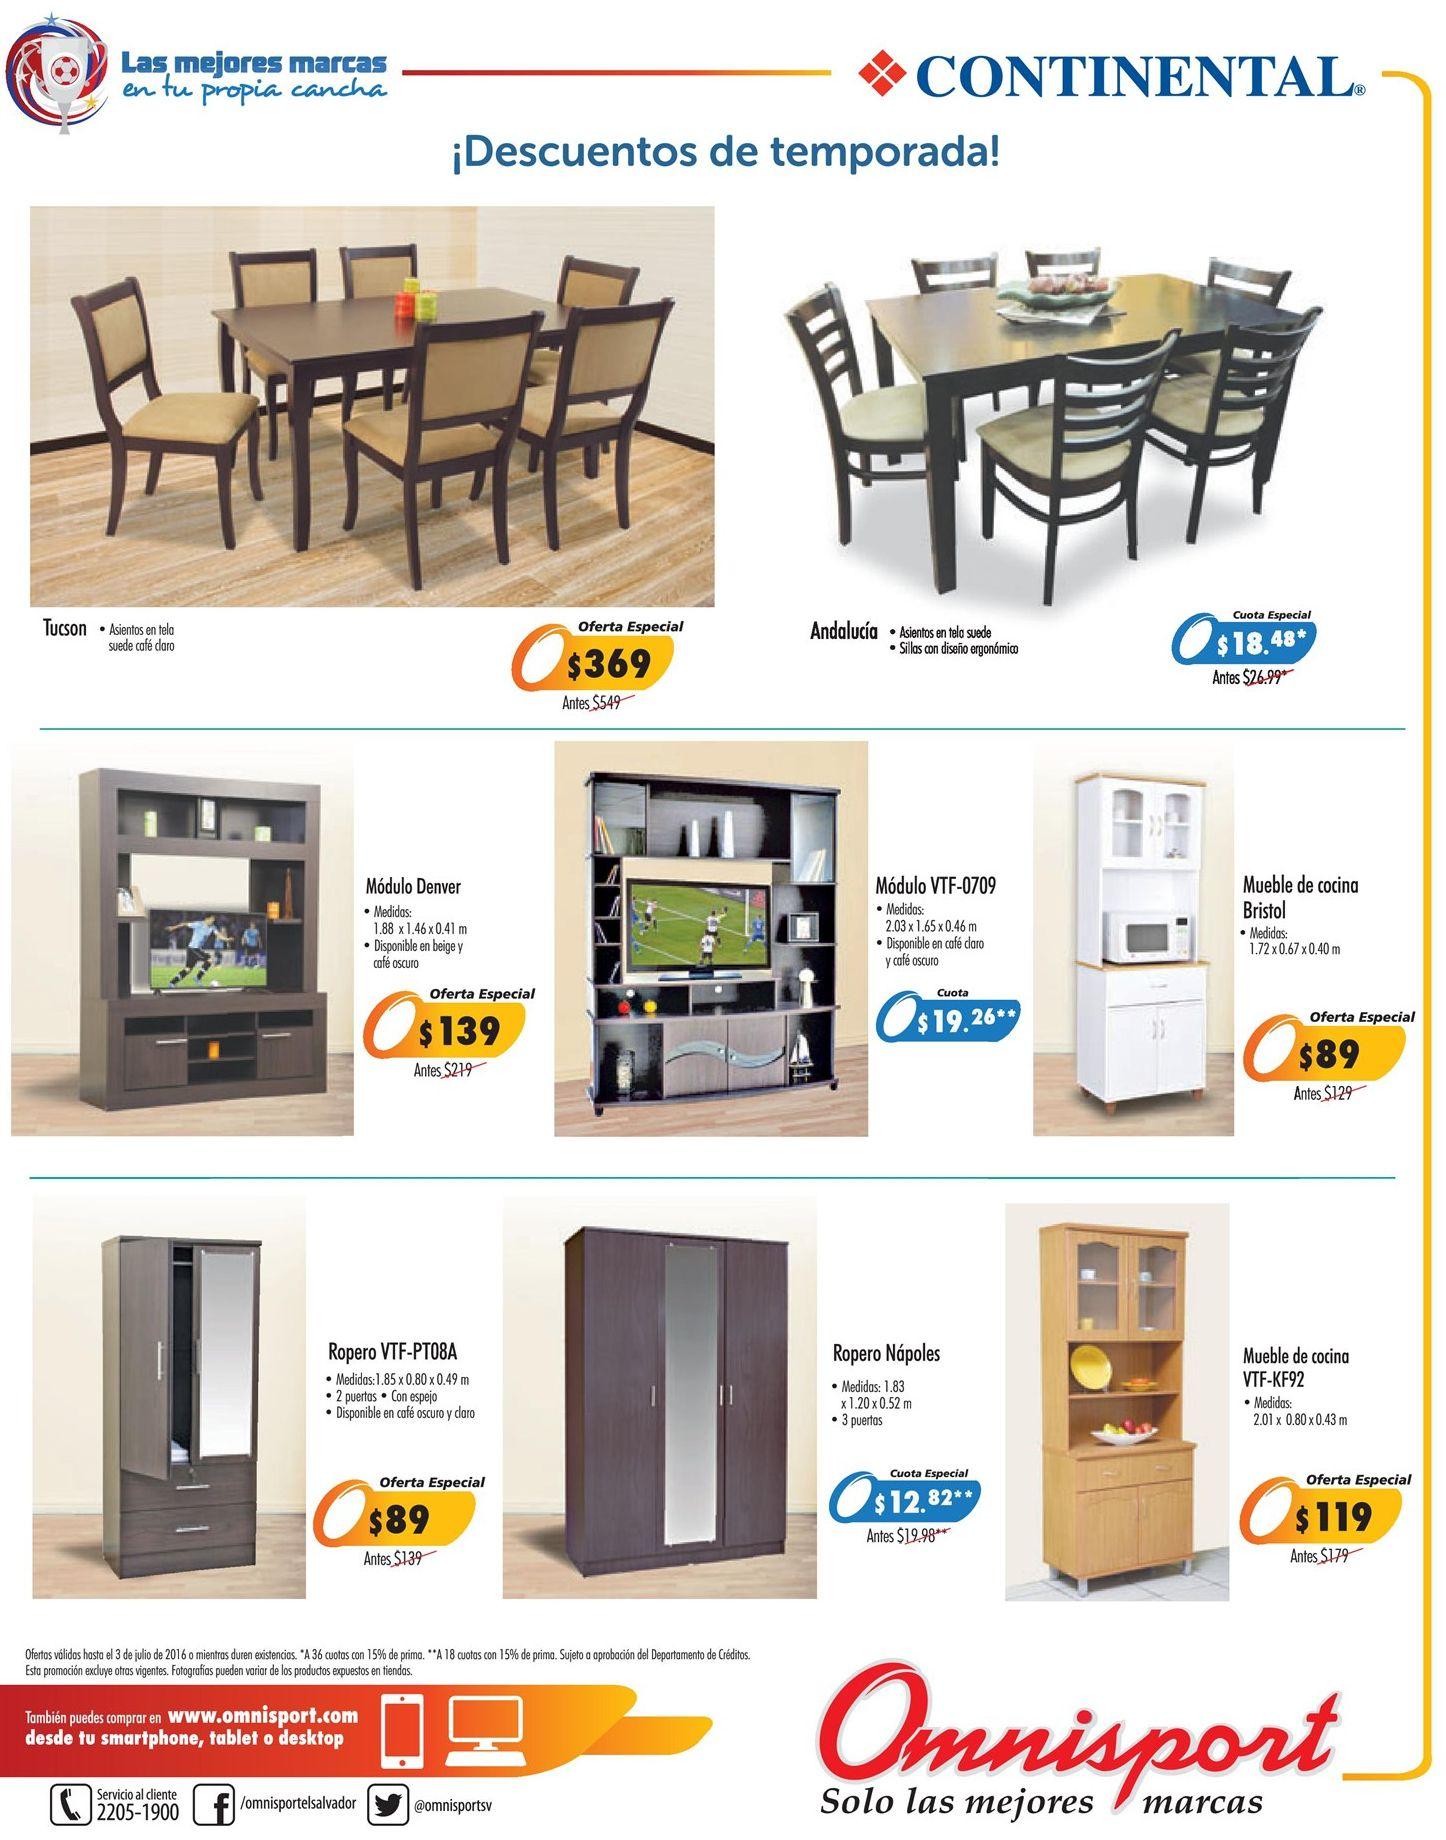 Muebles de sala cocina comedos omnisport promociones julio for Saga falabella muebles de sala ofertas